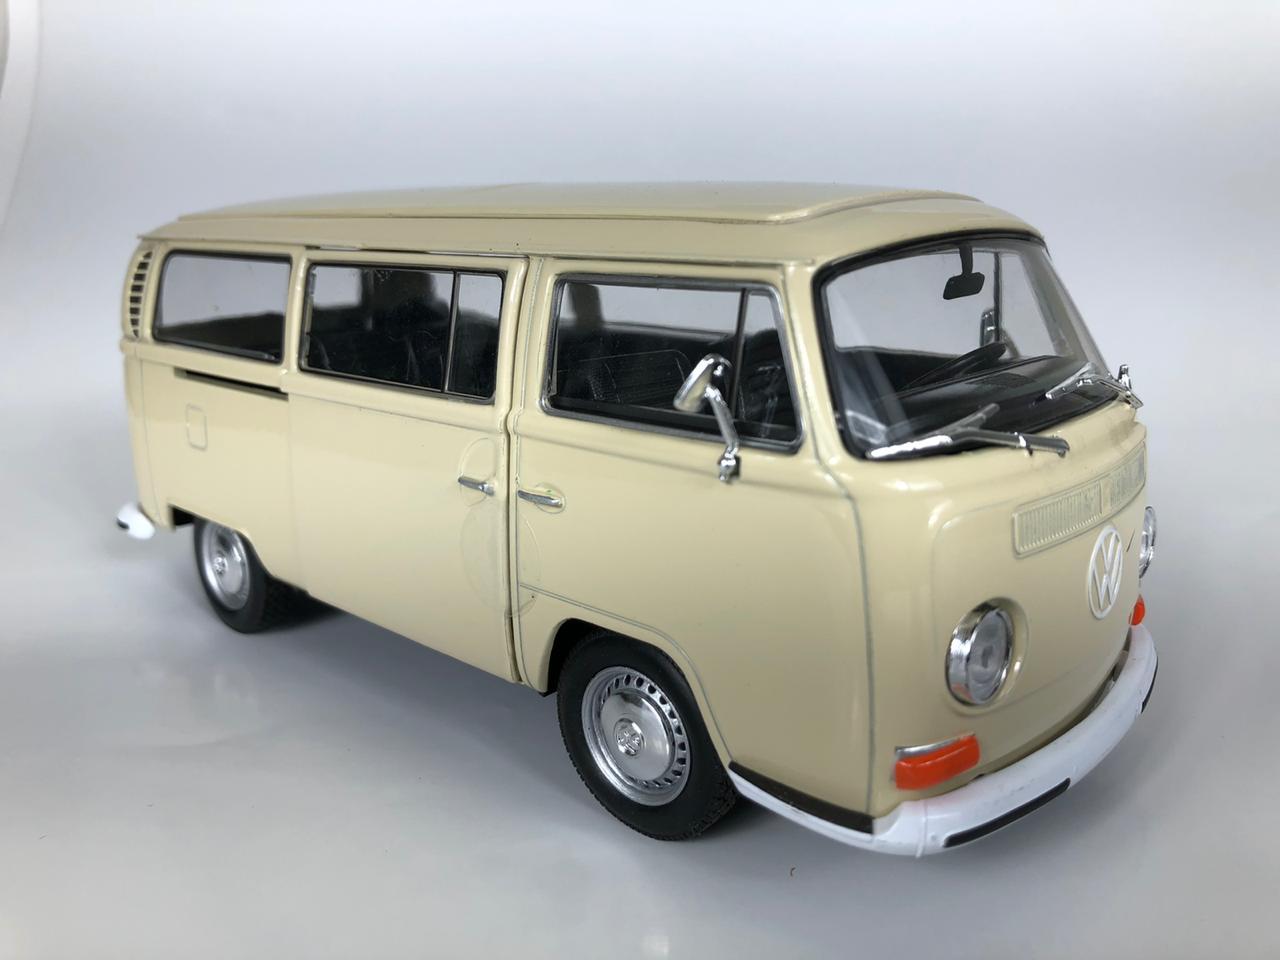 Miniatura Volkswagen Kombi T2 1972 1/24 Welly